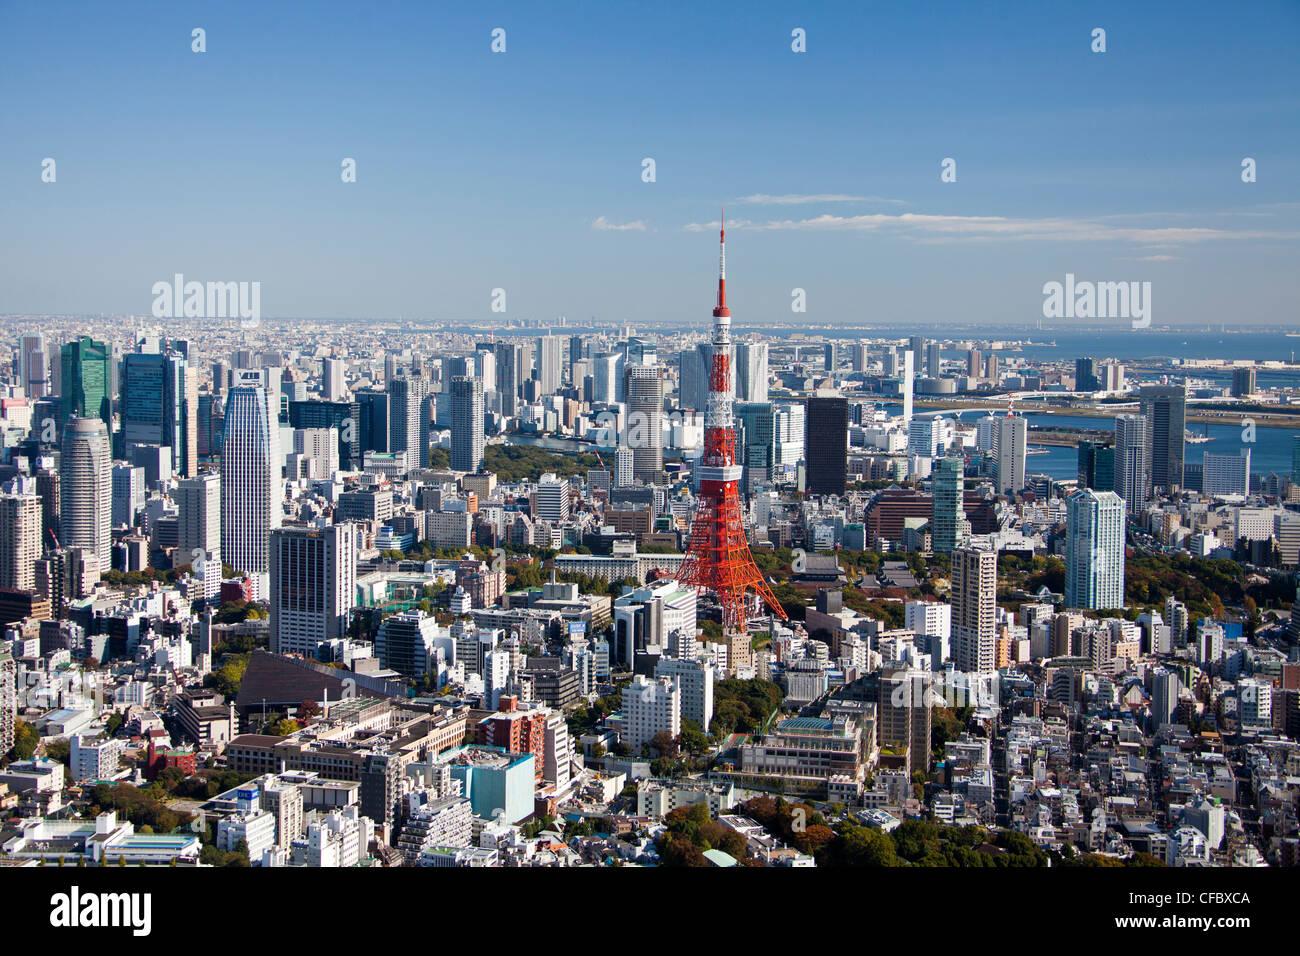 Le Japon, en Asie, Tokyo, ville, toits de Tokyo, Tour de Tokyo, de l'architecture, big, les bâtiments, Photo Stock